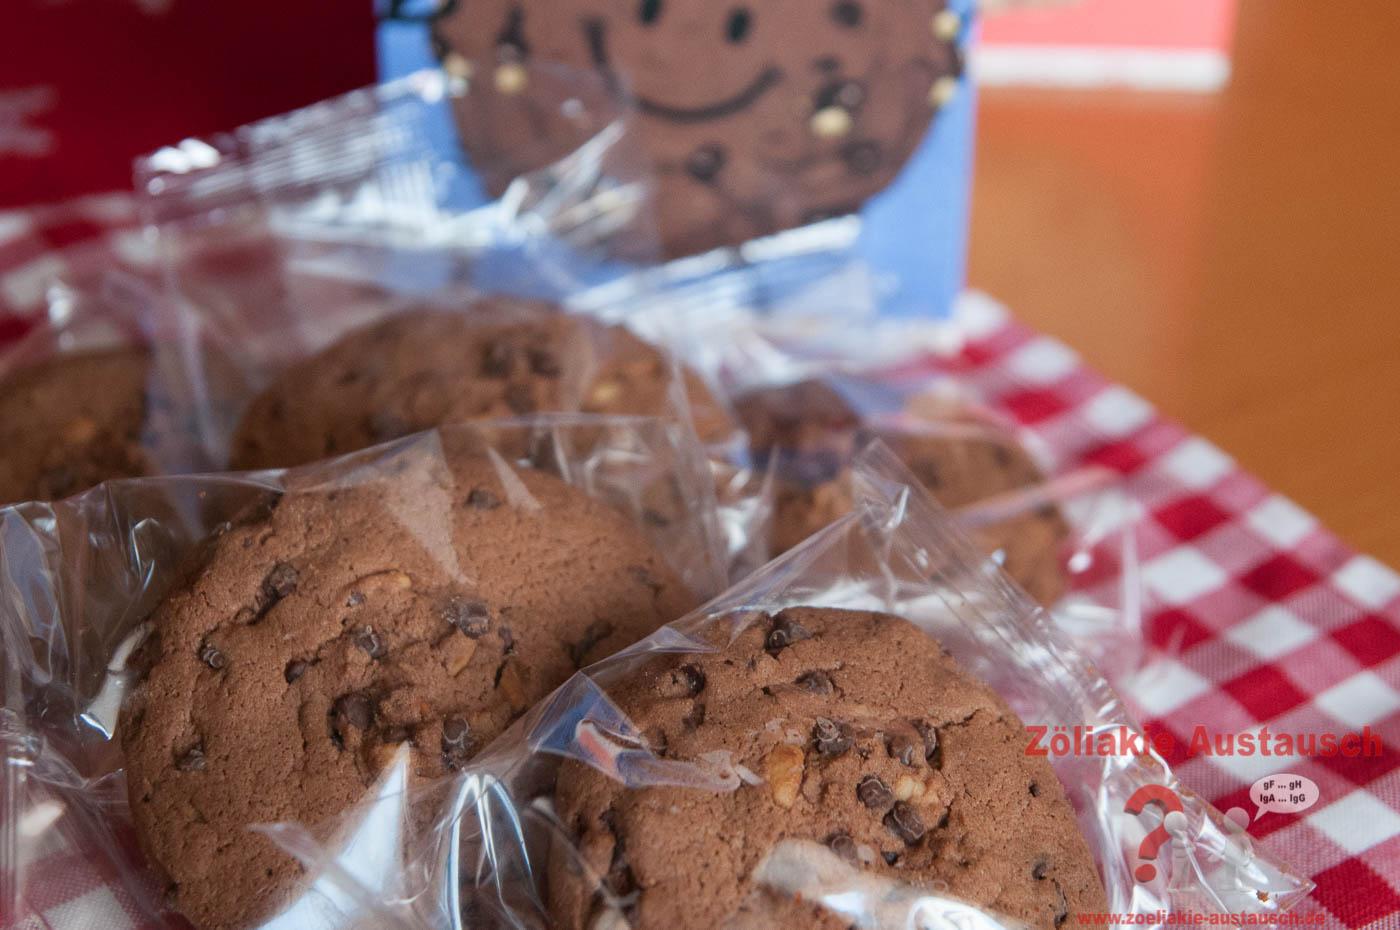 Zoeliakie_Austausch_Sommer_Cookies-004